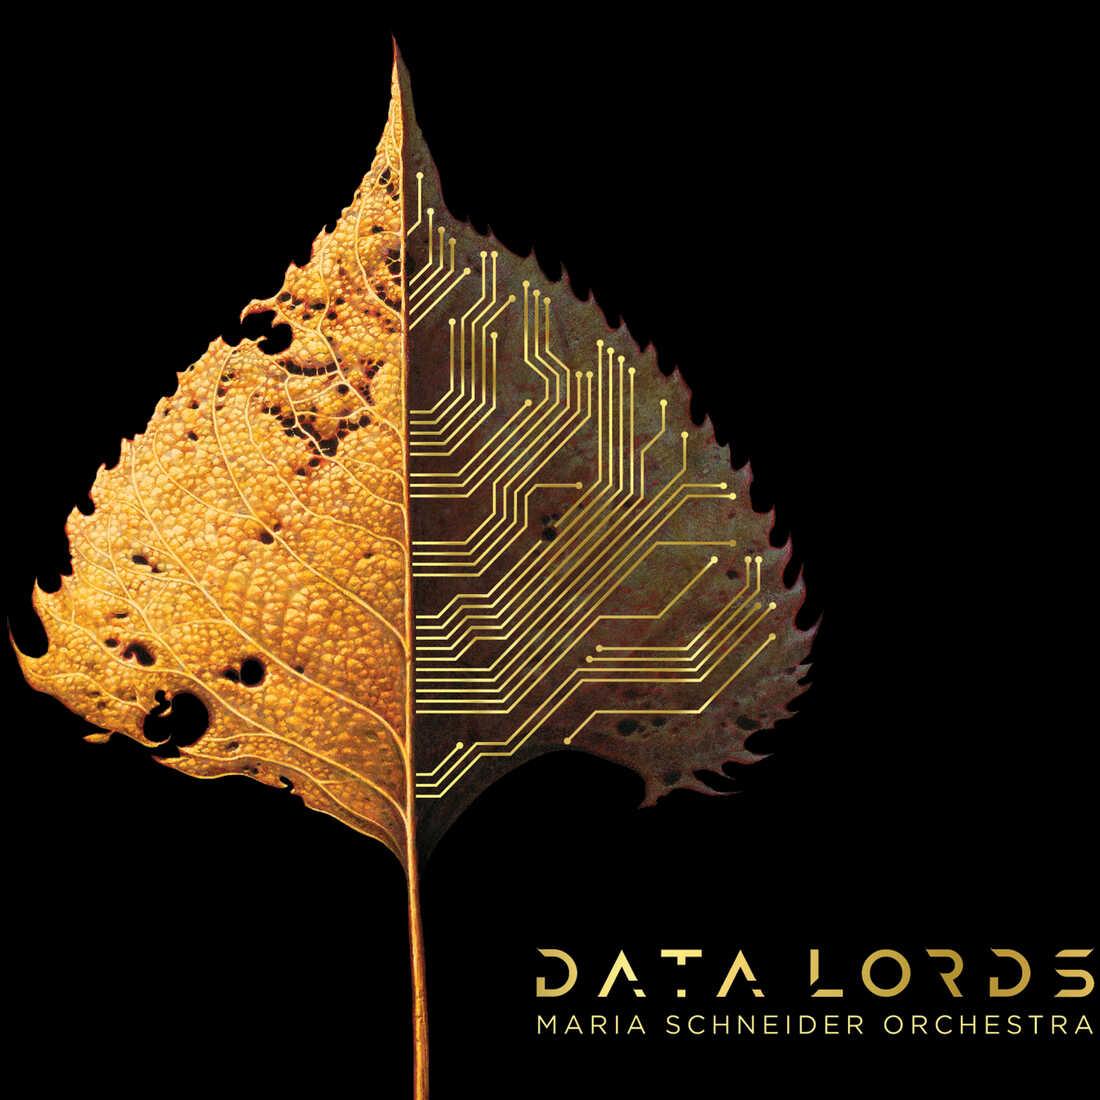 Maria Schneider Orchestra, Data Lords